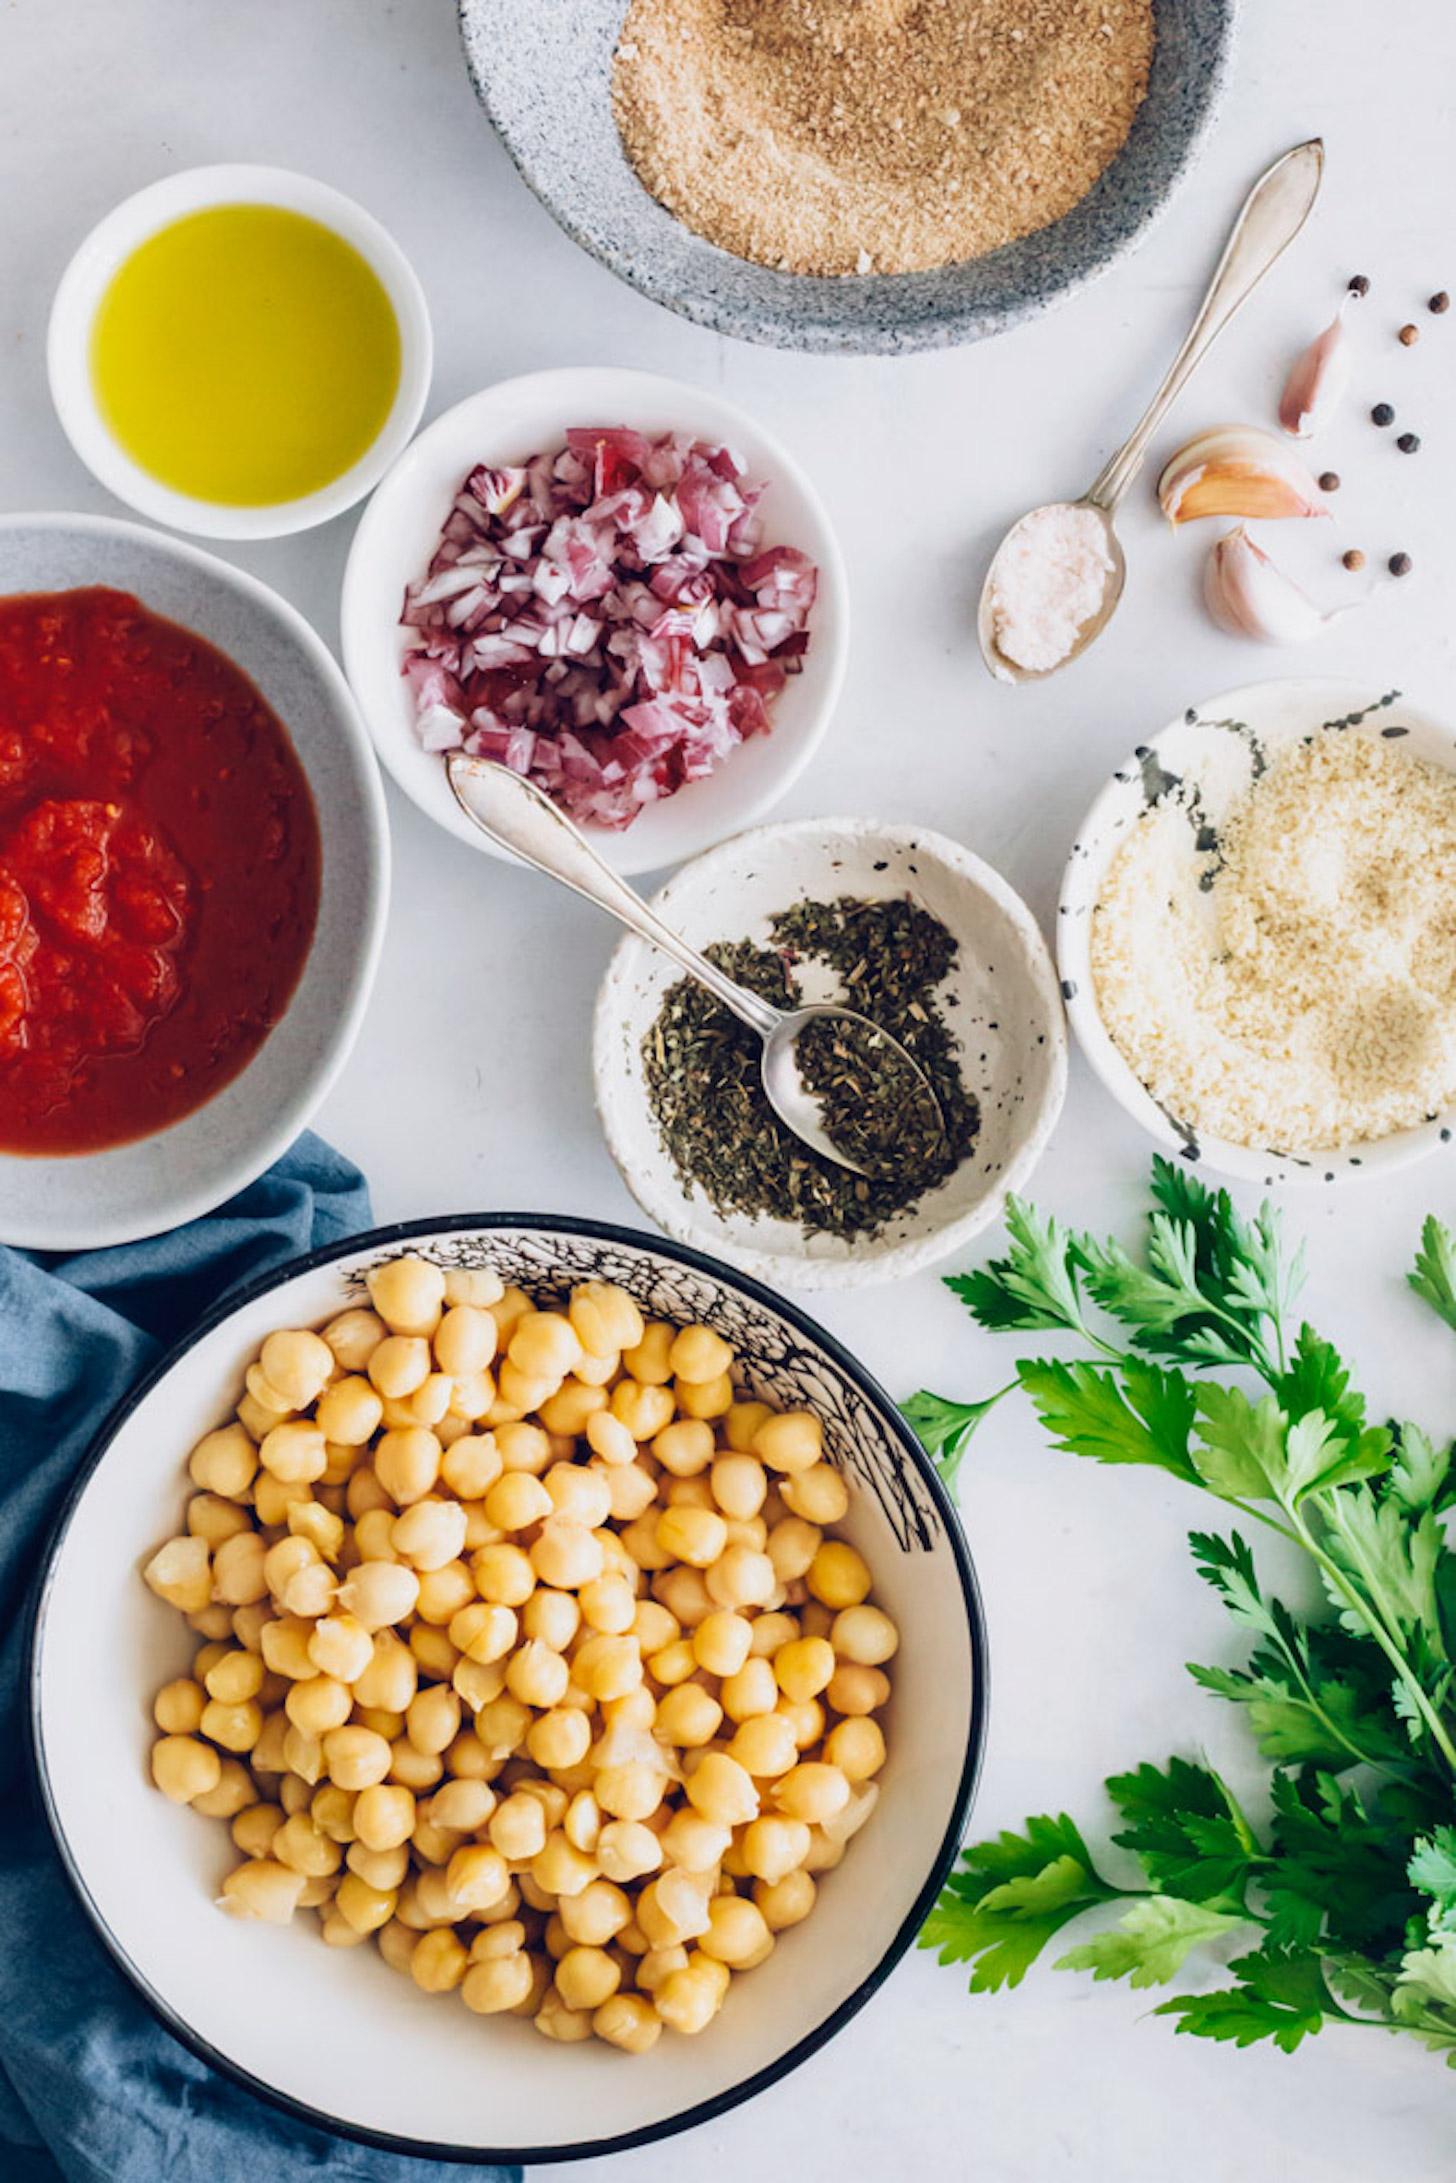 Tazones de garbanzos, condimentos italianos, cebolla roja, parmesano vegano, pan rallado, sal y aceite de oliva.